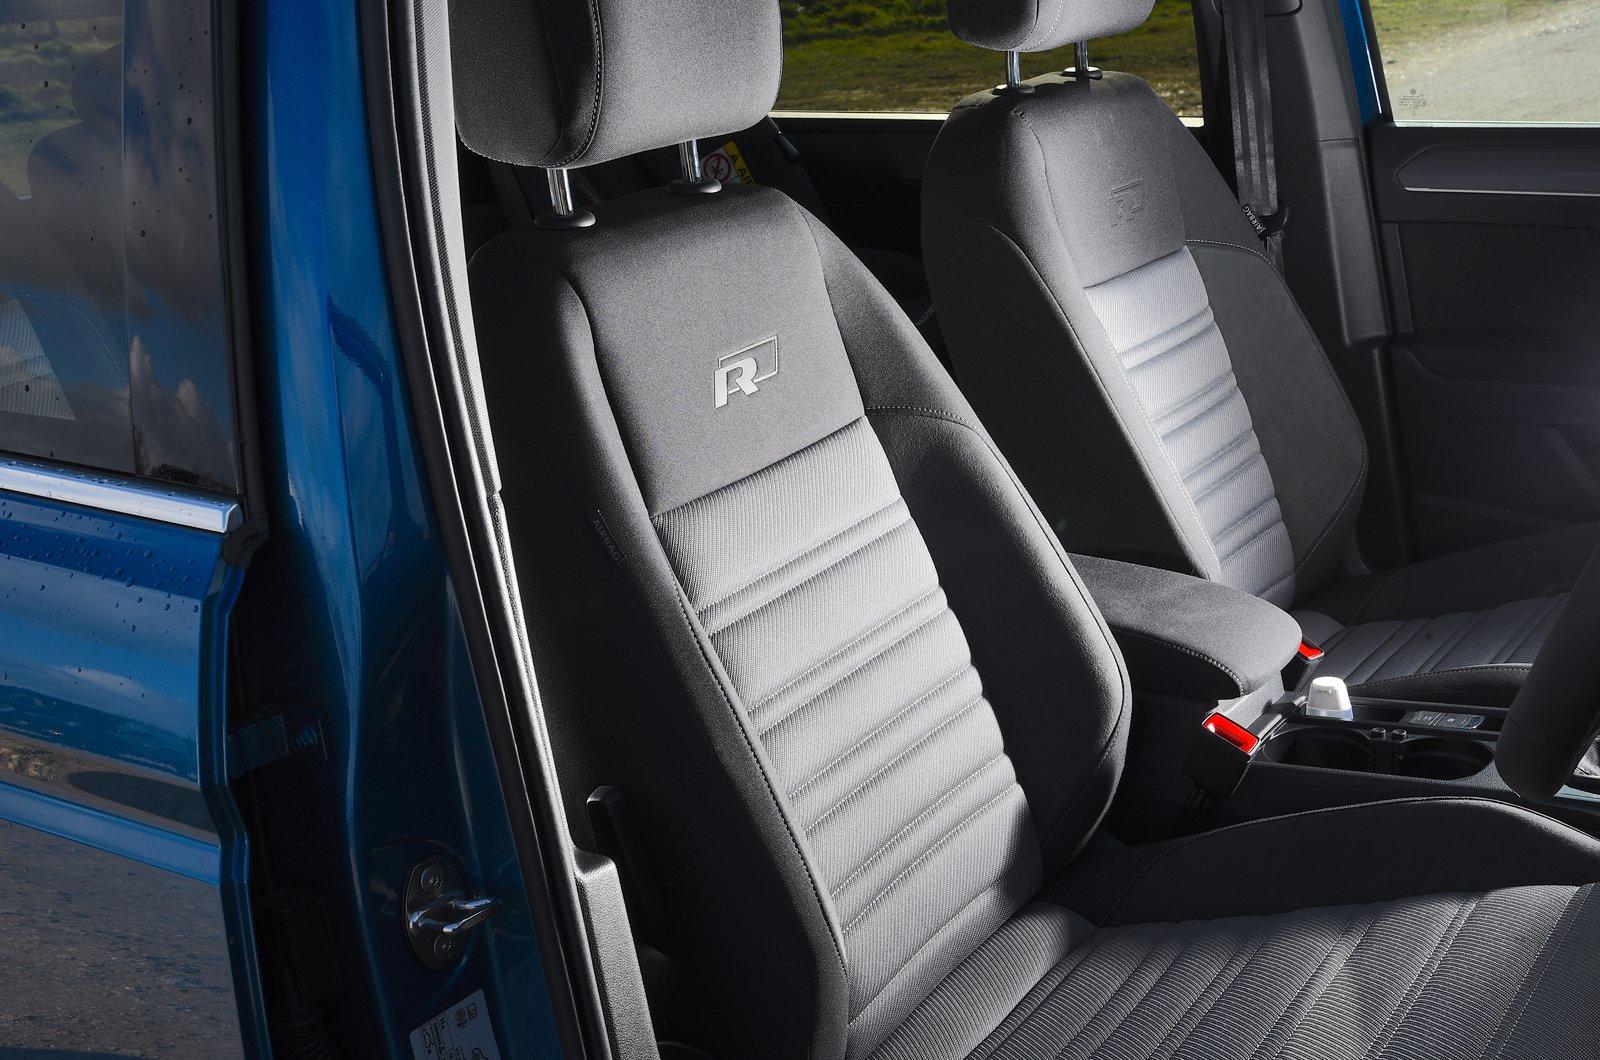 LT Volkswagen Touran front seats